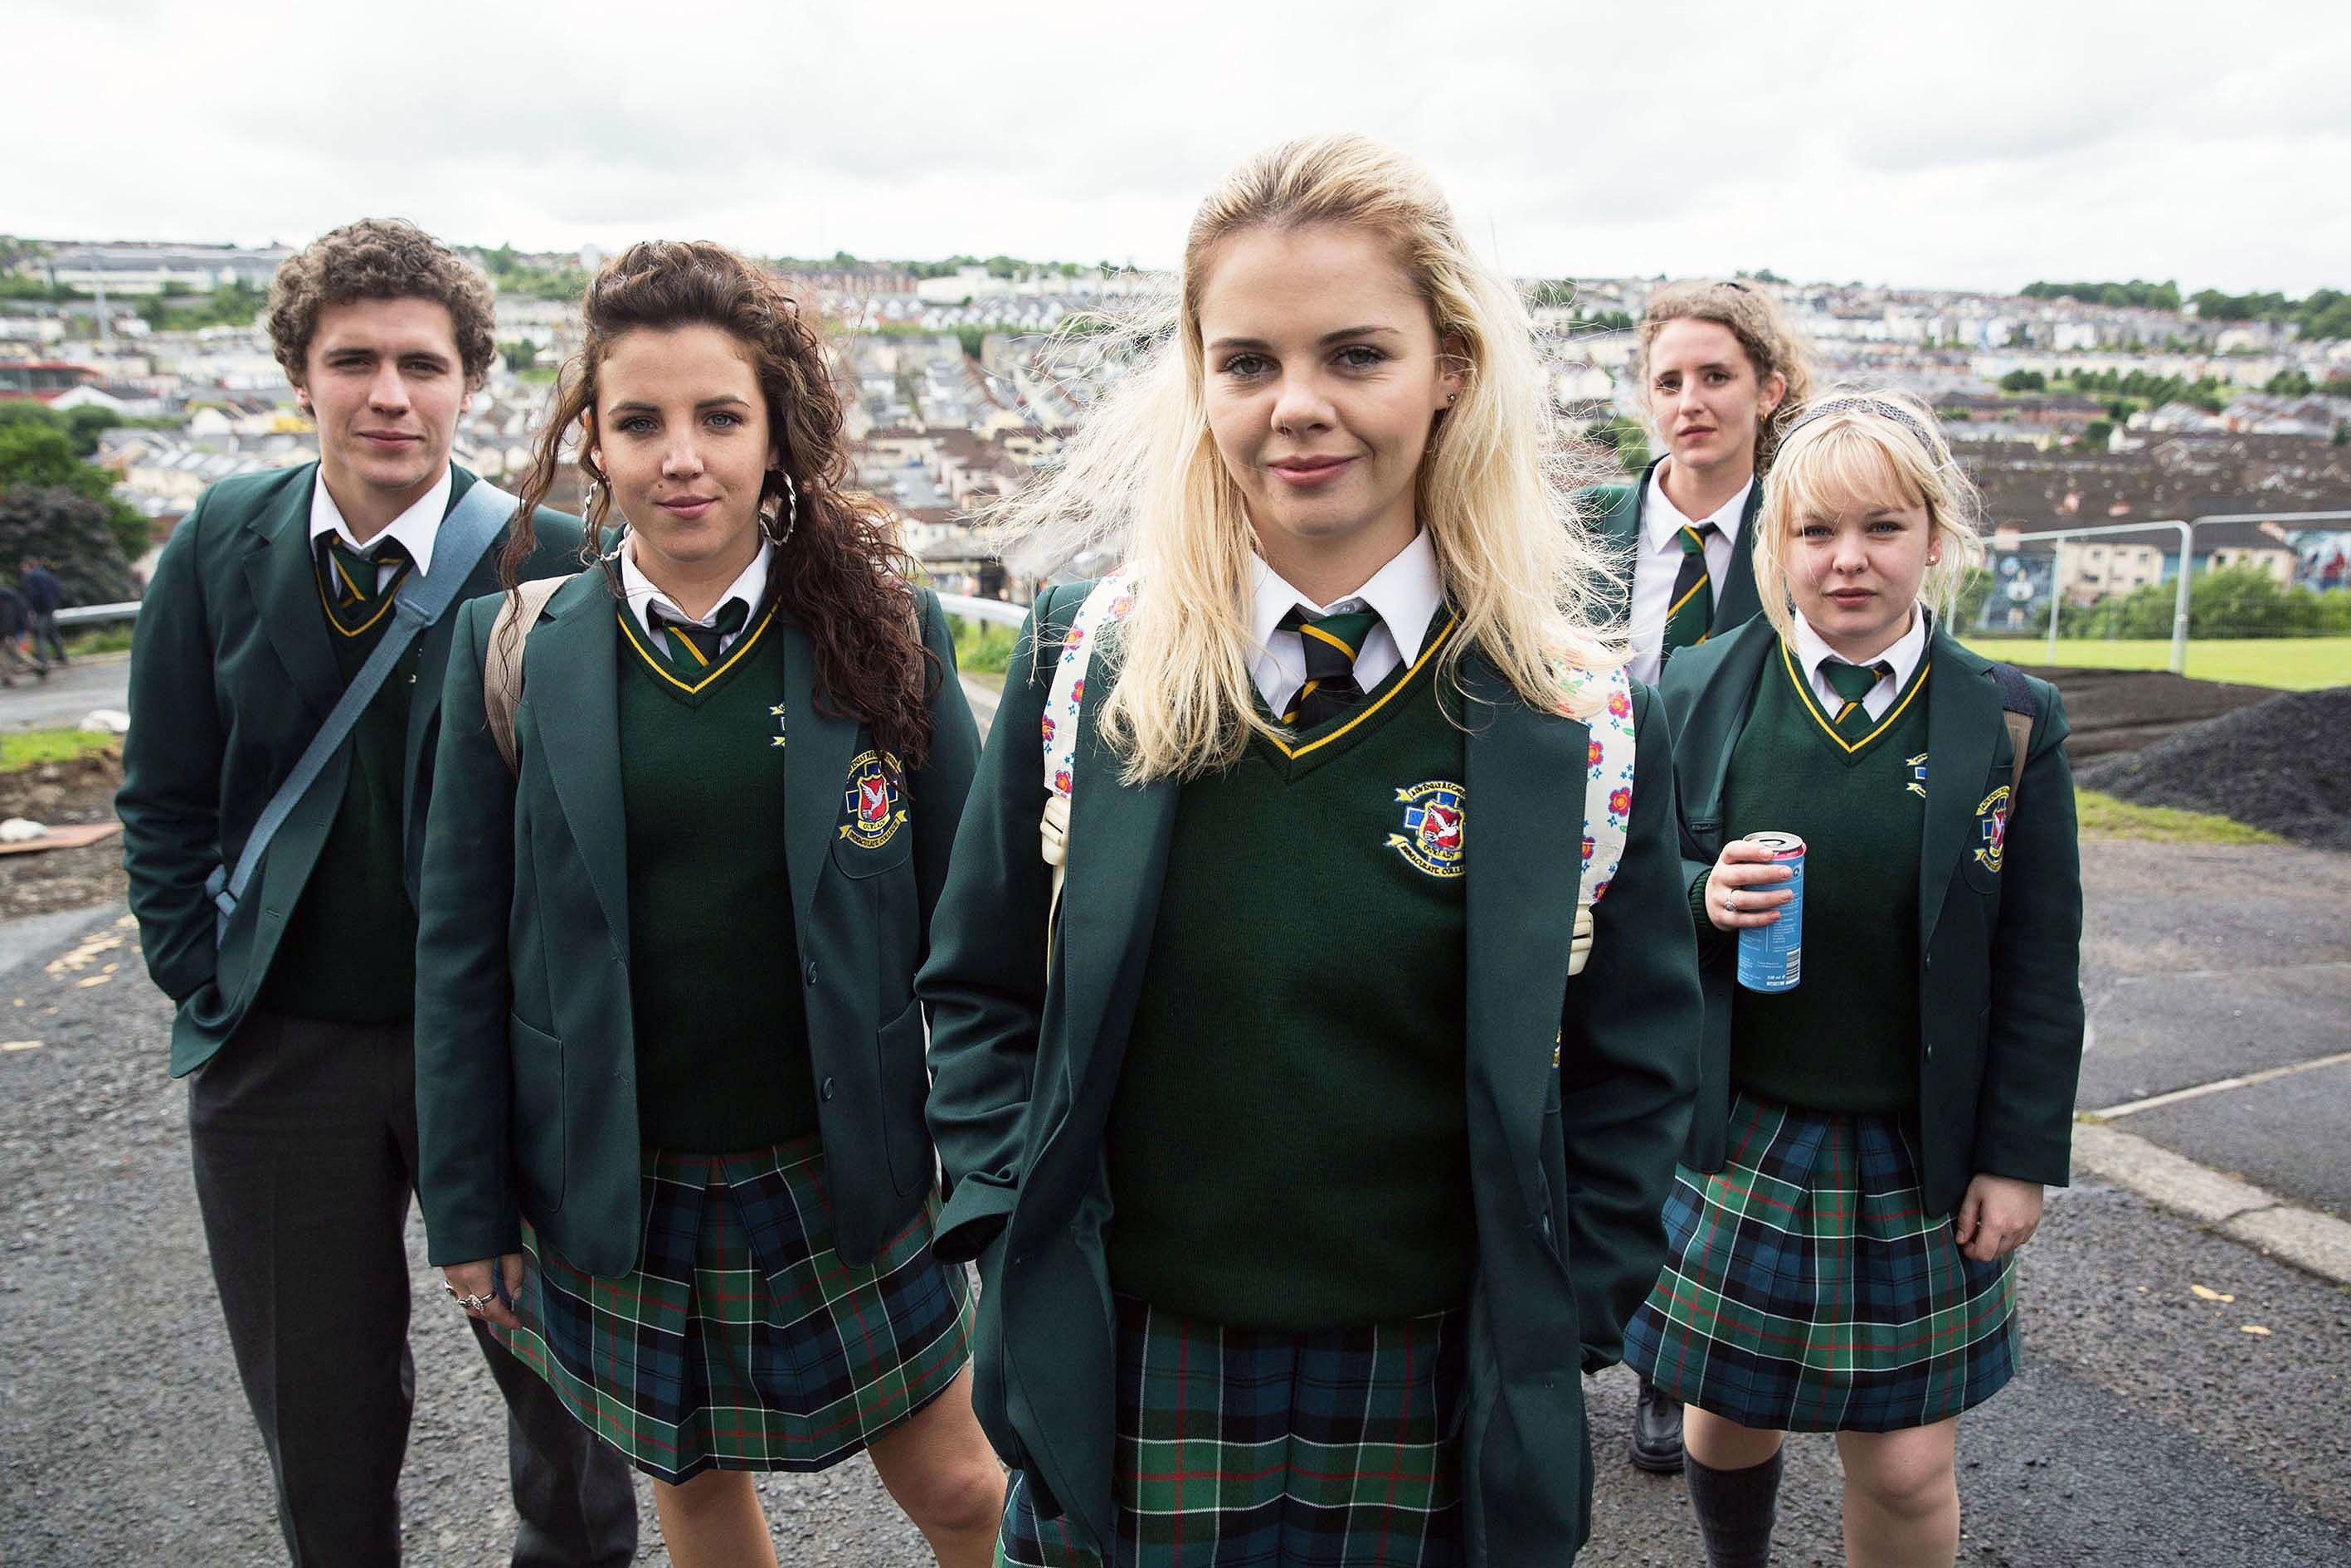 Protagonistas de la serie Derry Girls